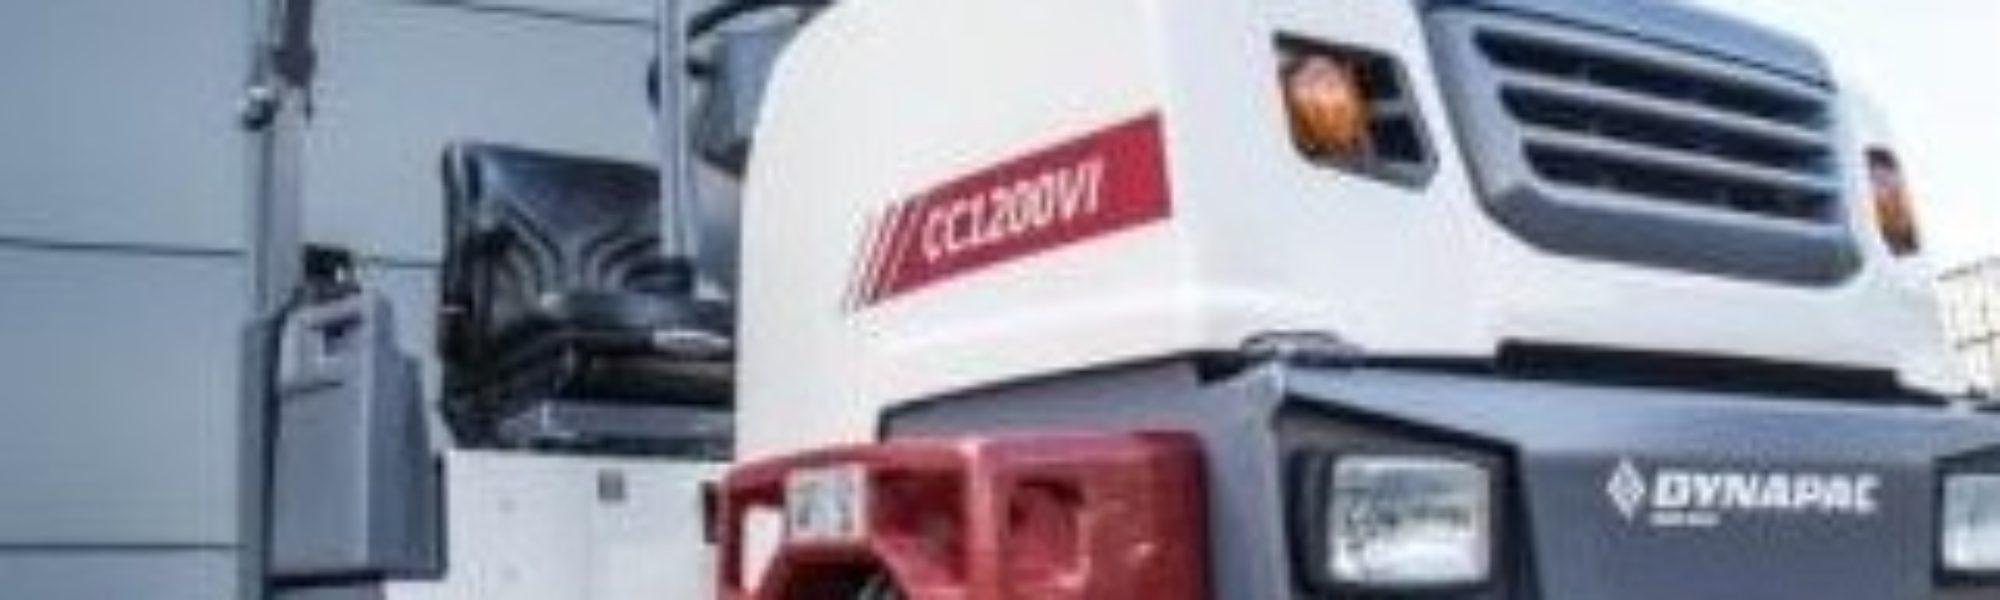 Dynapac CC1200